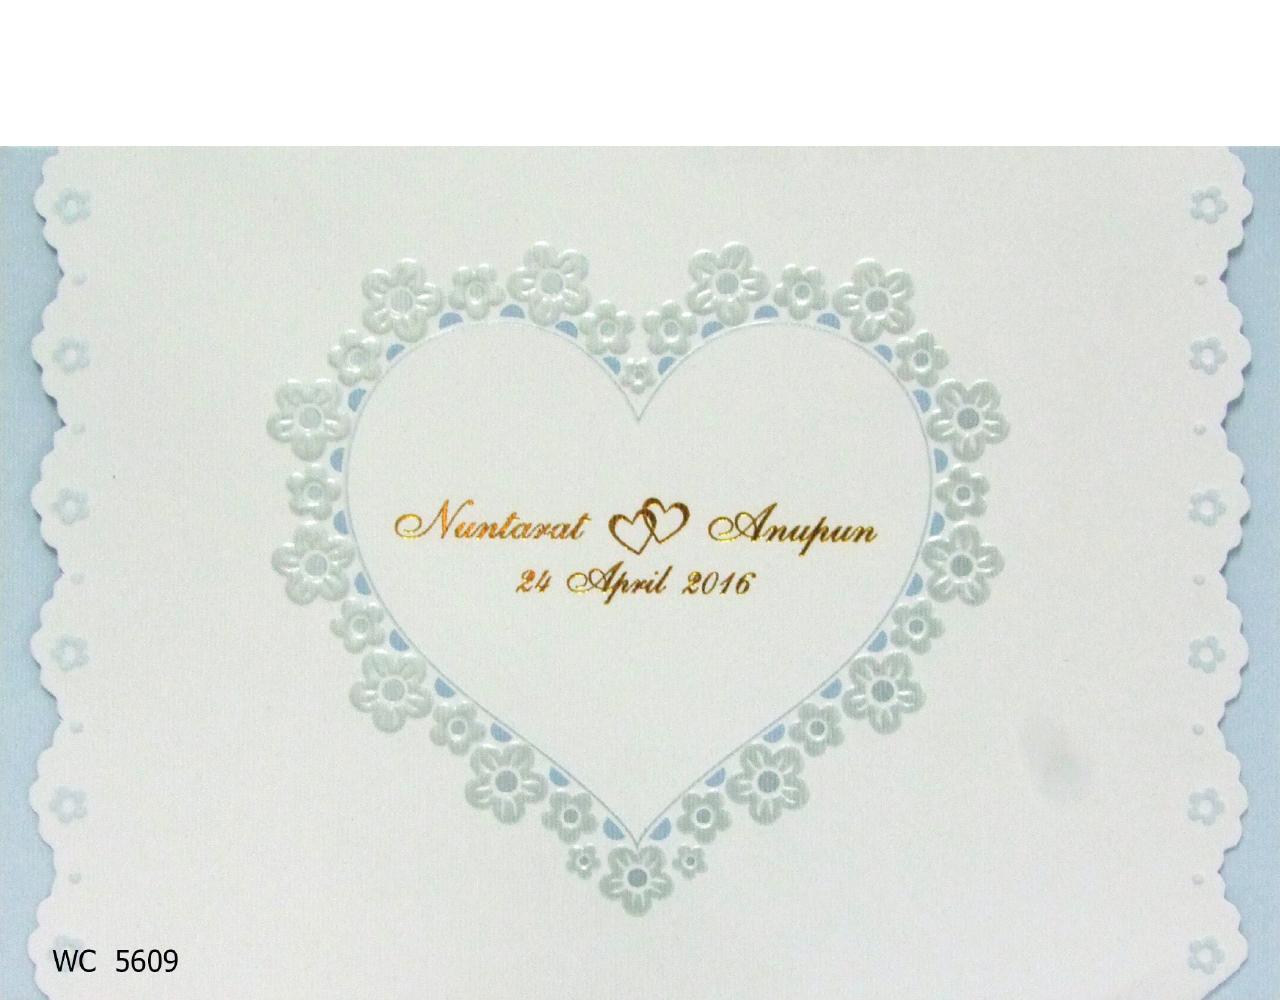 การ์ดแต่งงาน การ์ดเชิญงานแต่ง 3 พับ สีฟ้า 12.5 x18.5 cm WC 5609 Blue ฿ 8.20